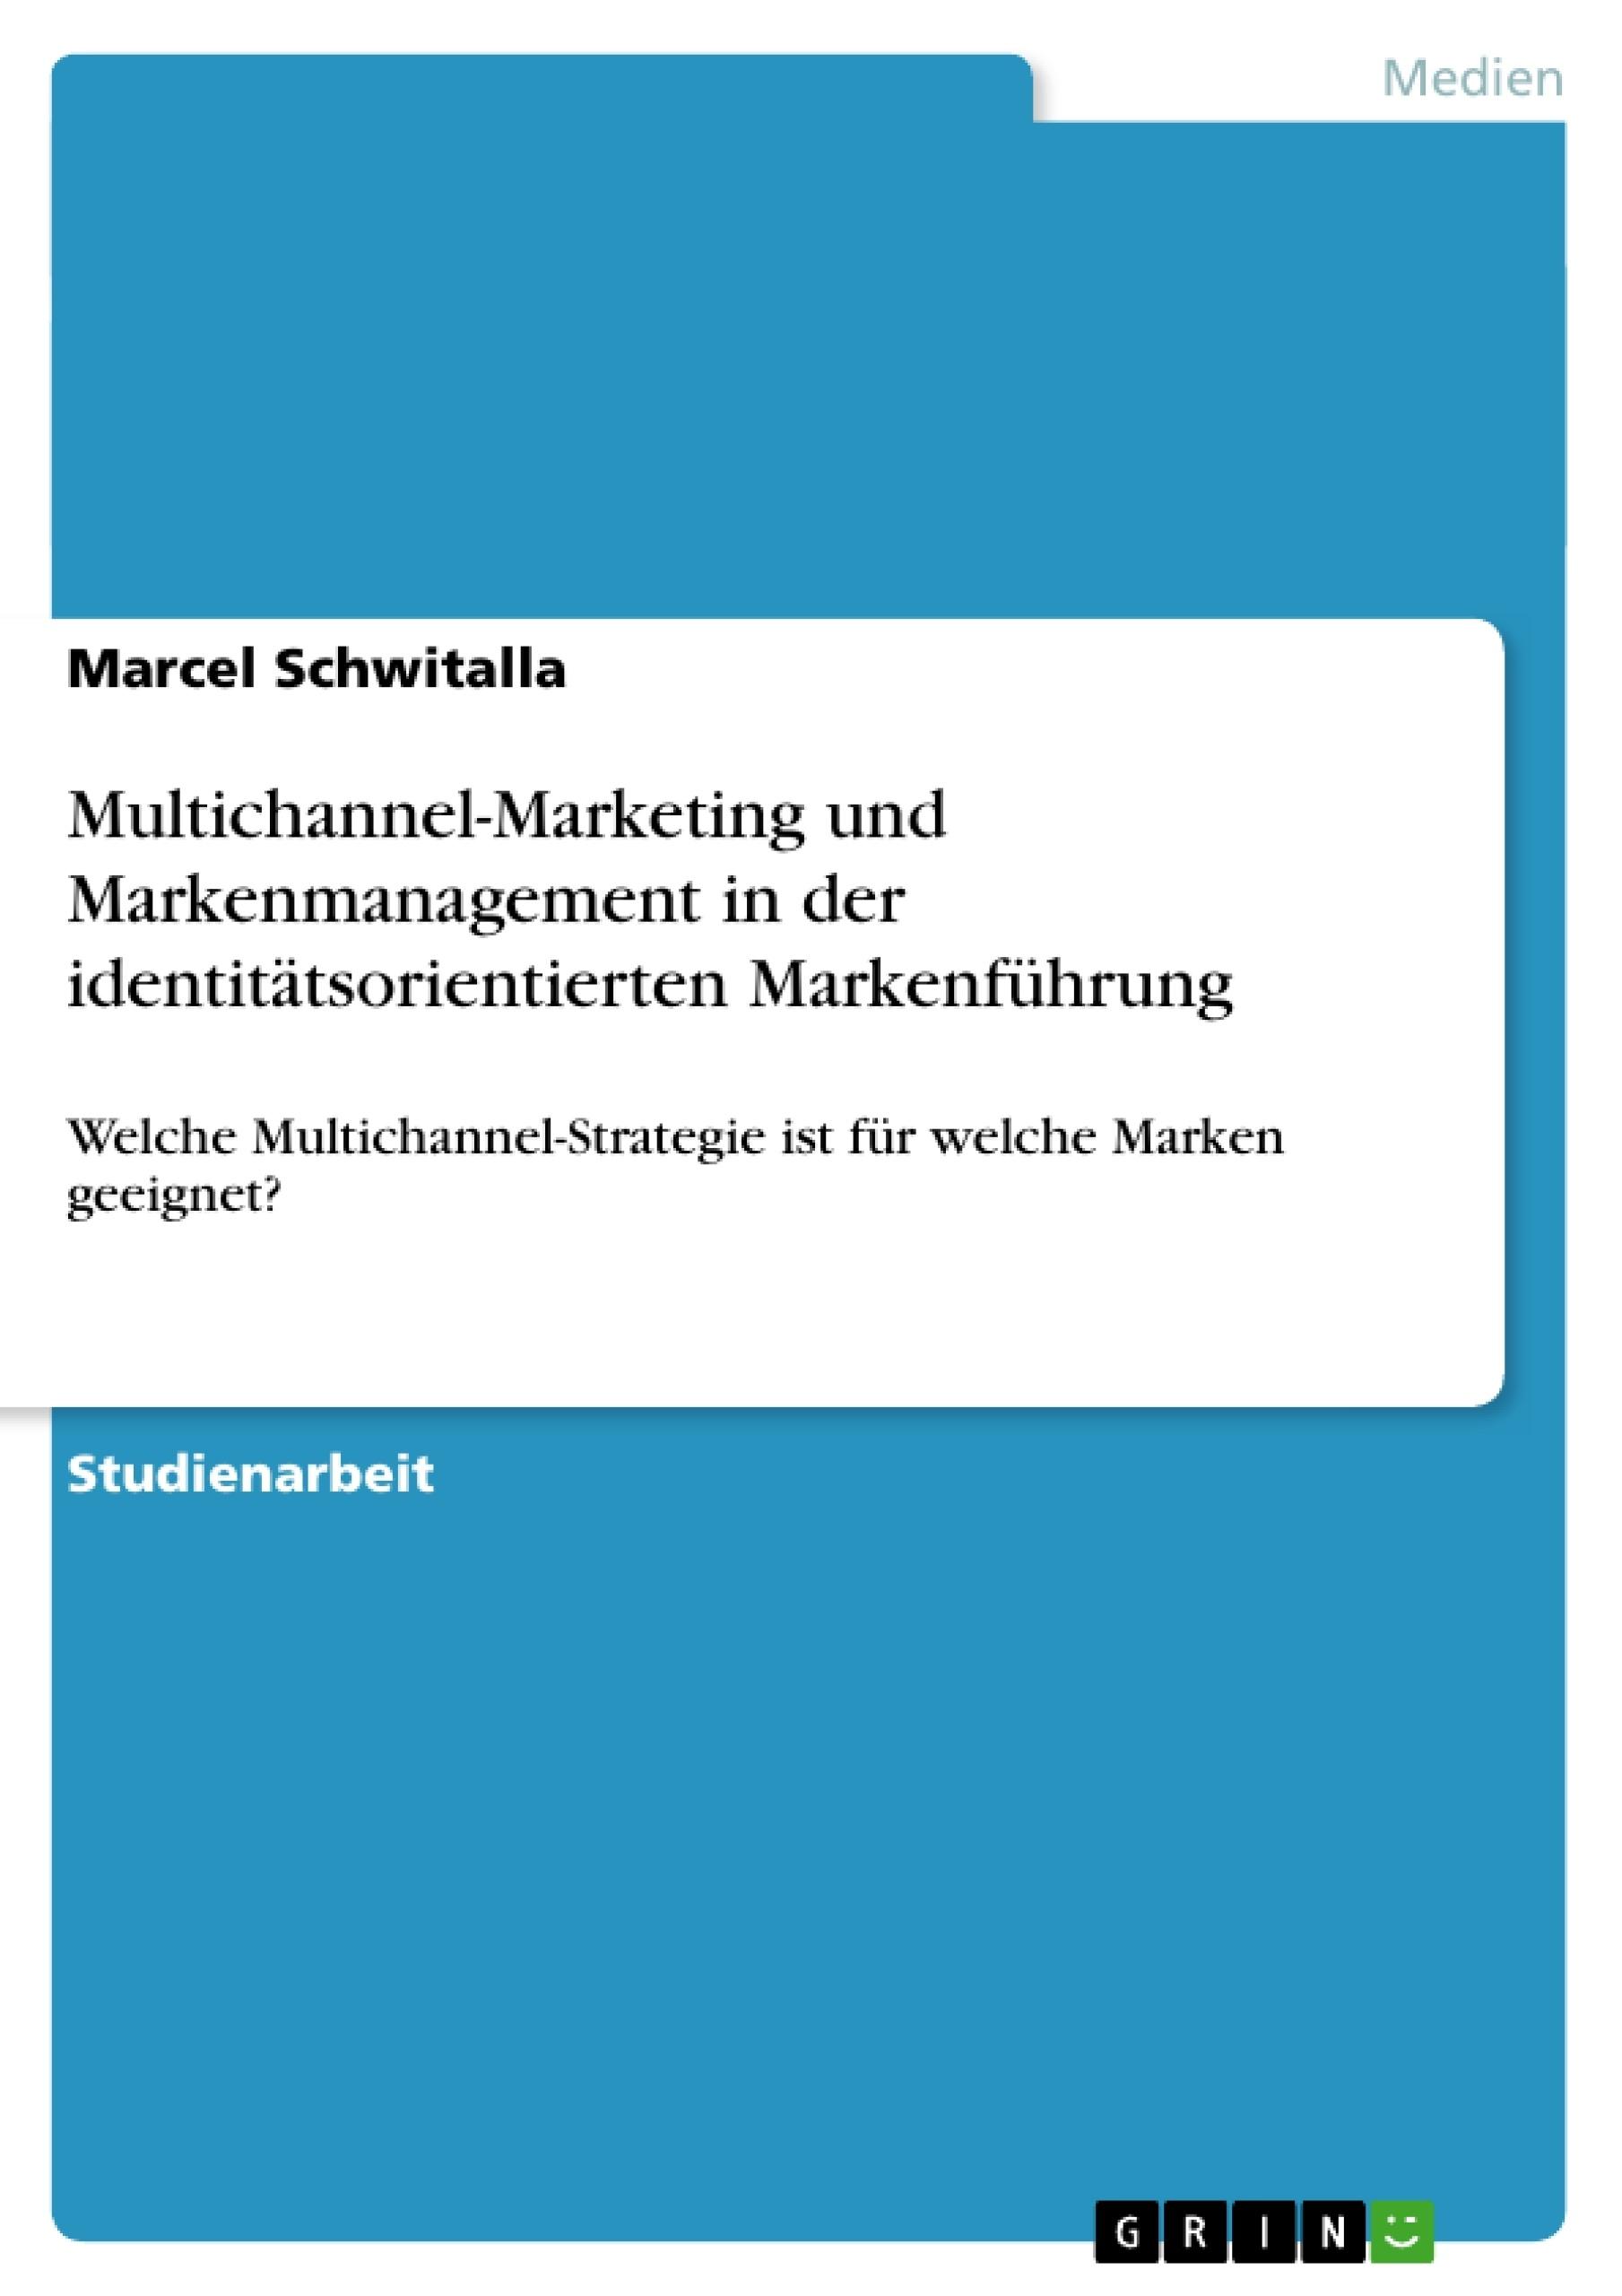 Titel: Multichannel-Marketing und Markenmanagement in der identitätsorientierten Markenführung